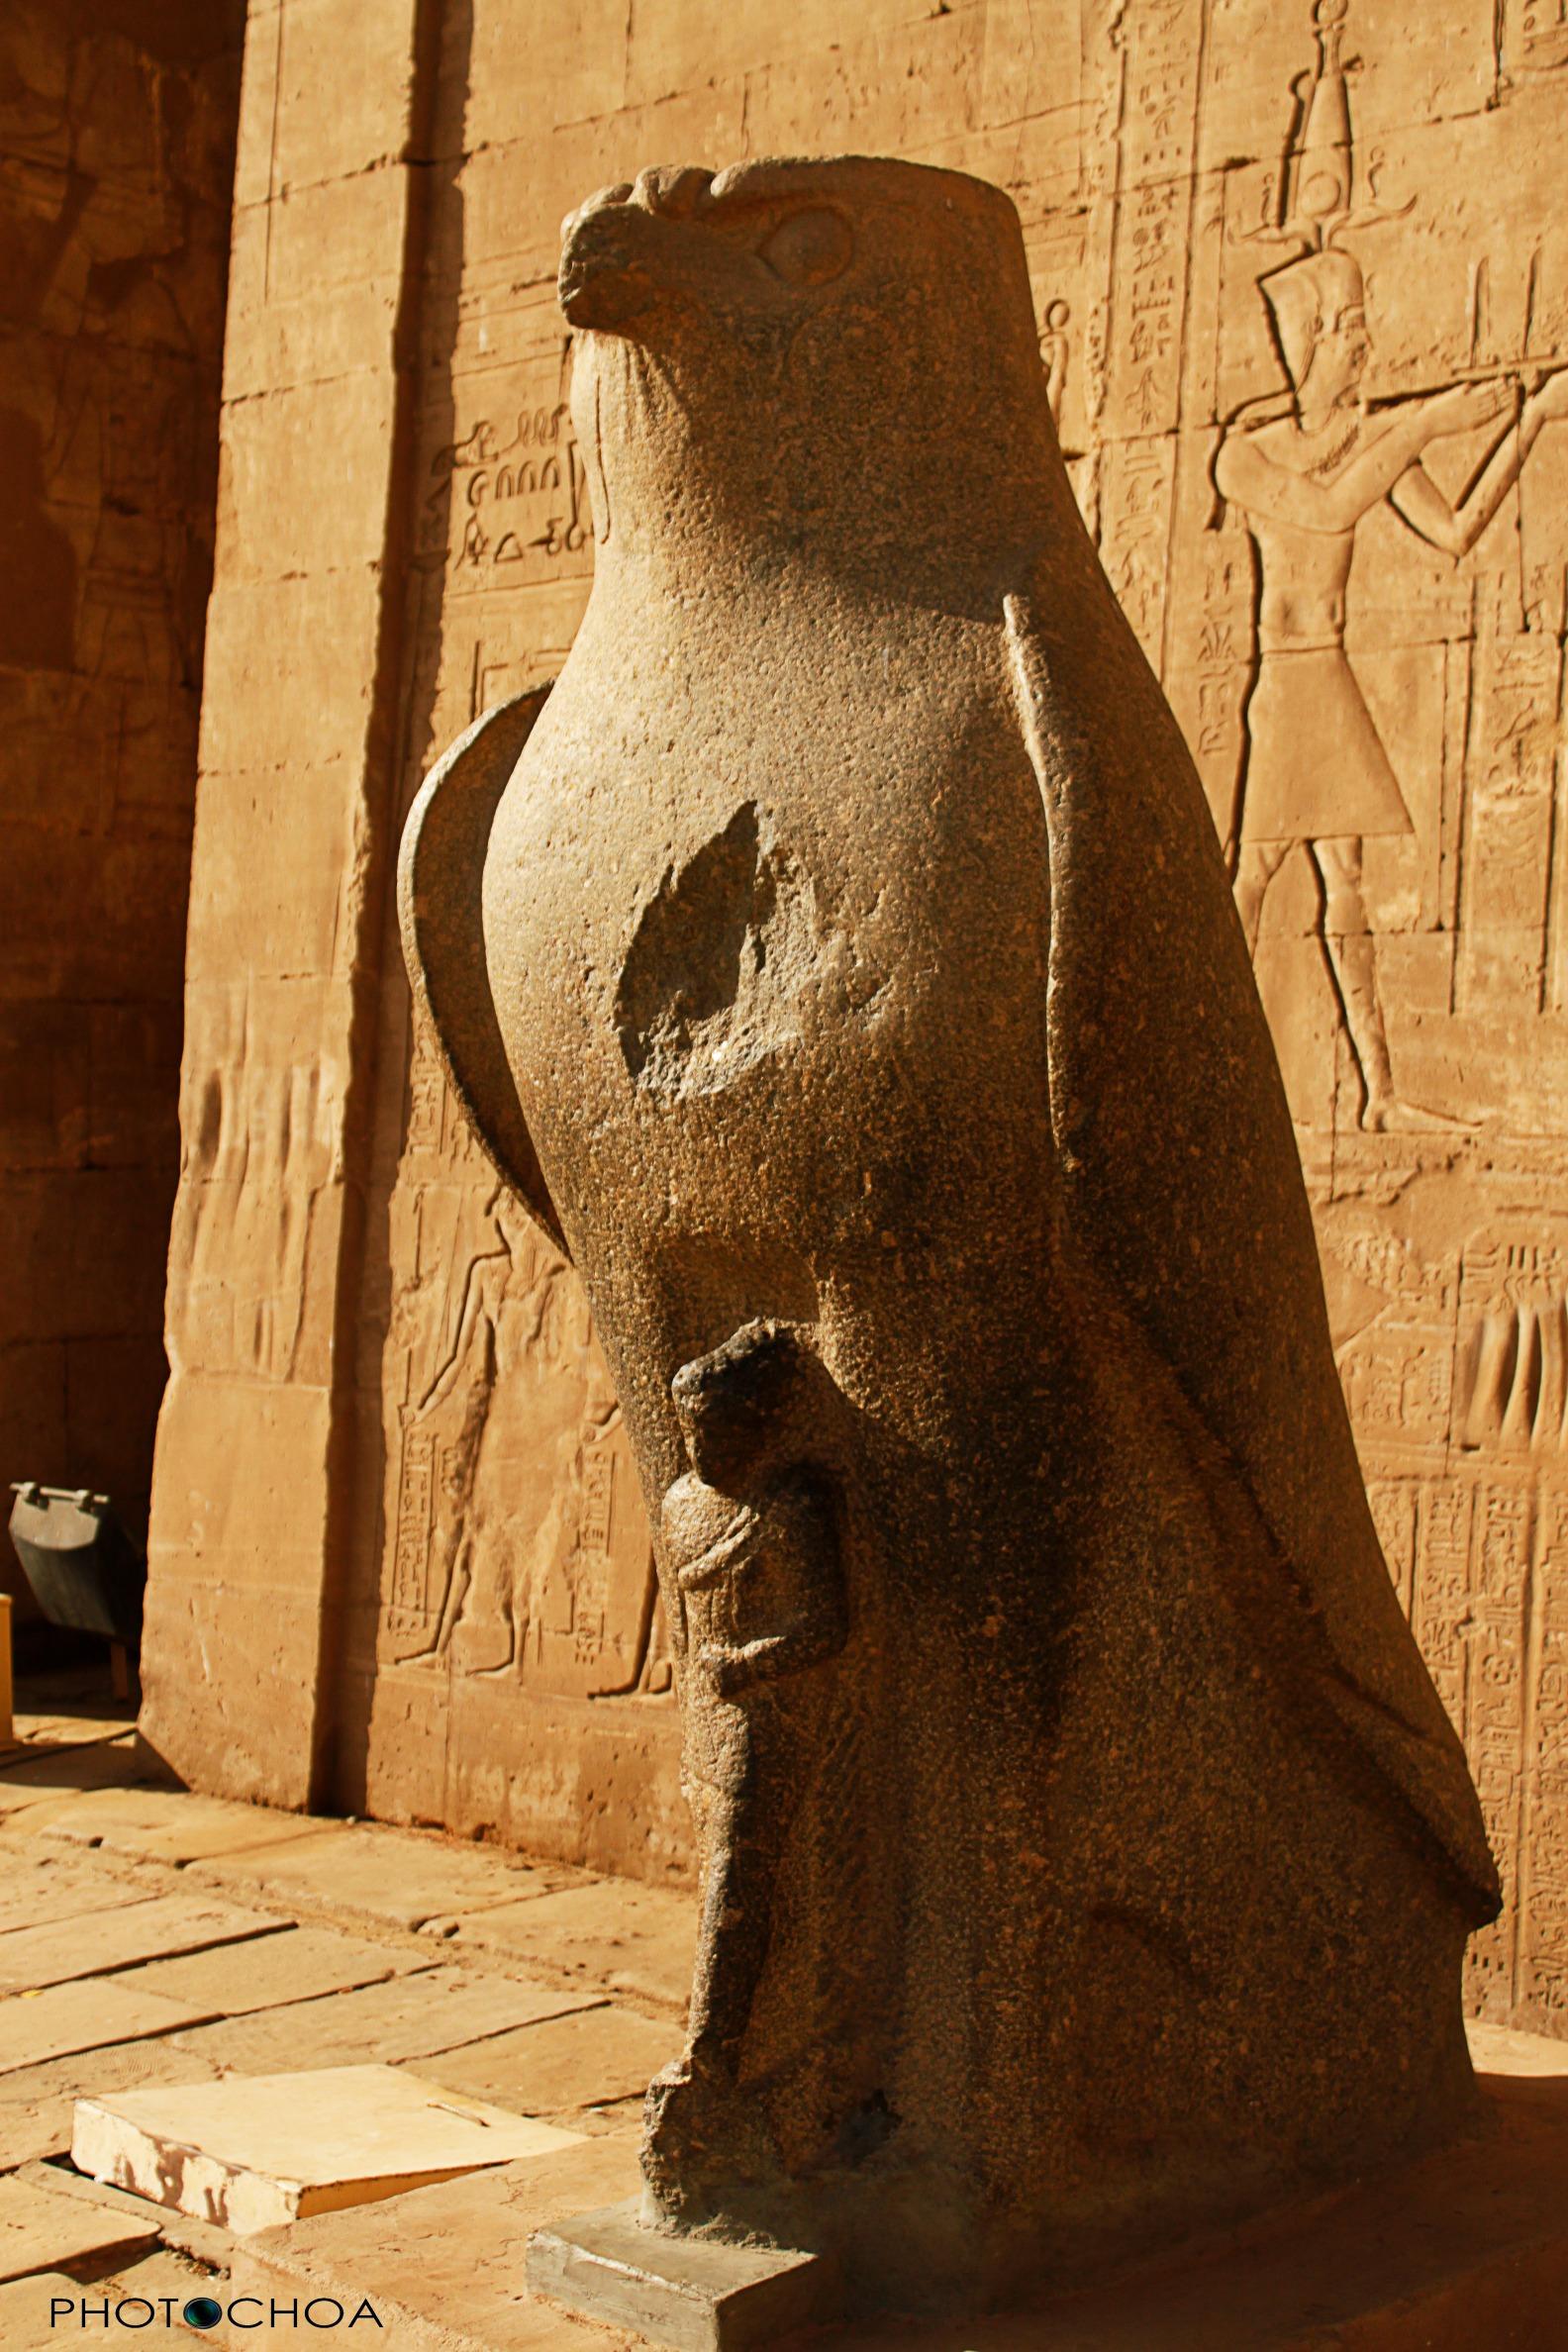 Templo de Edfu, el dios Horus personificado en la figura del halcón